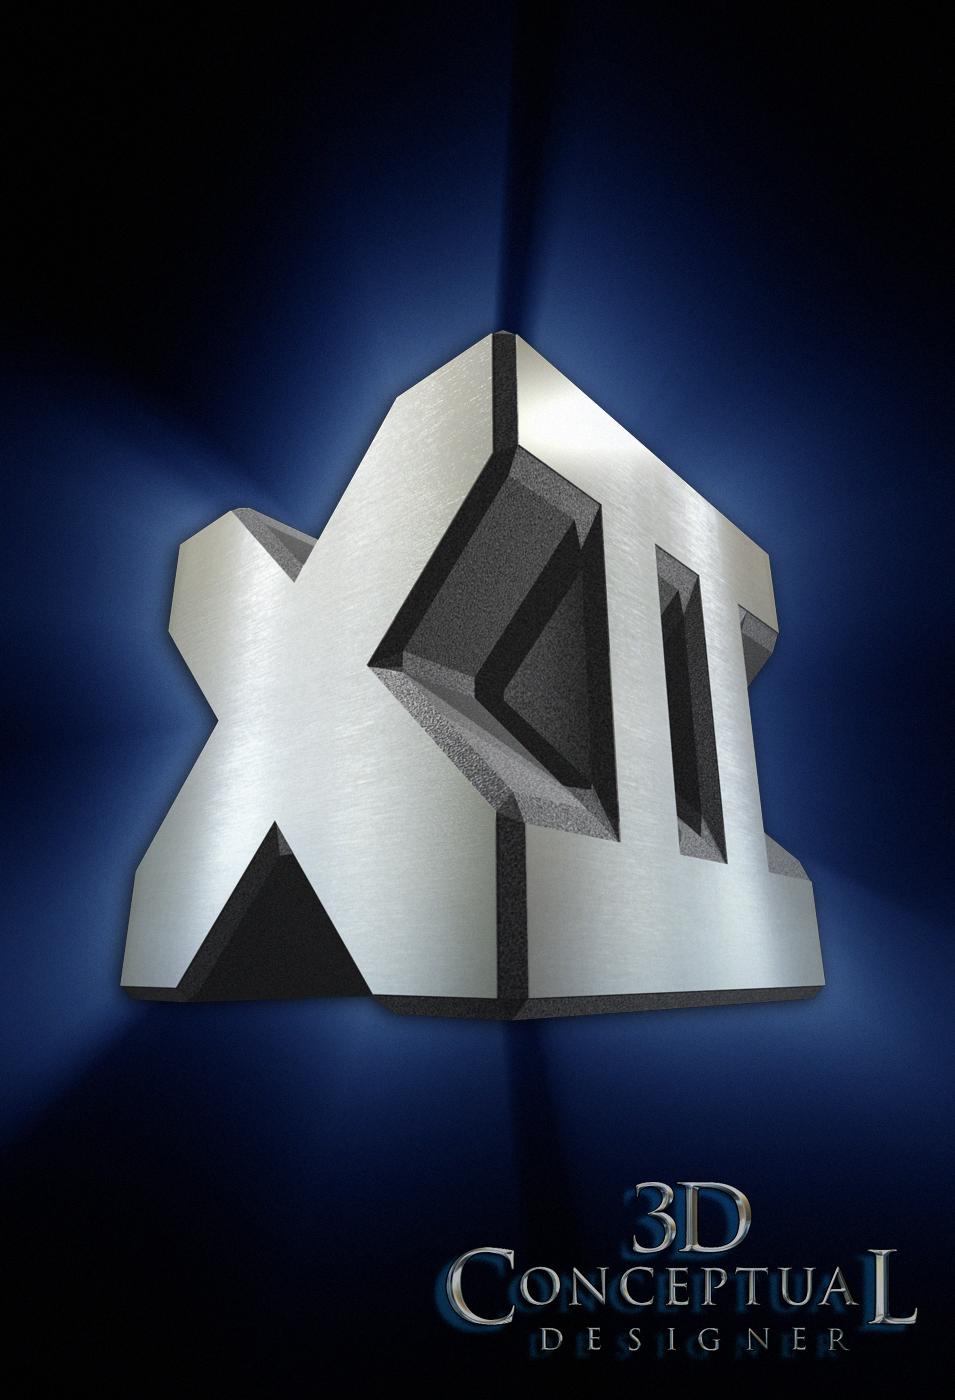 3dconceptualdesignerblog Project Review X Men 2 Part Iv 3d Logo